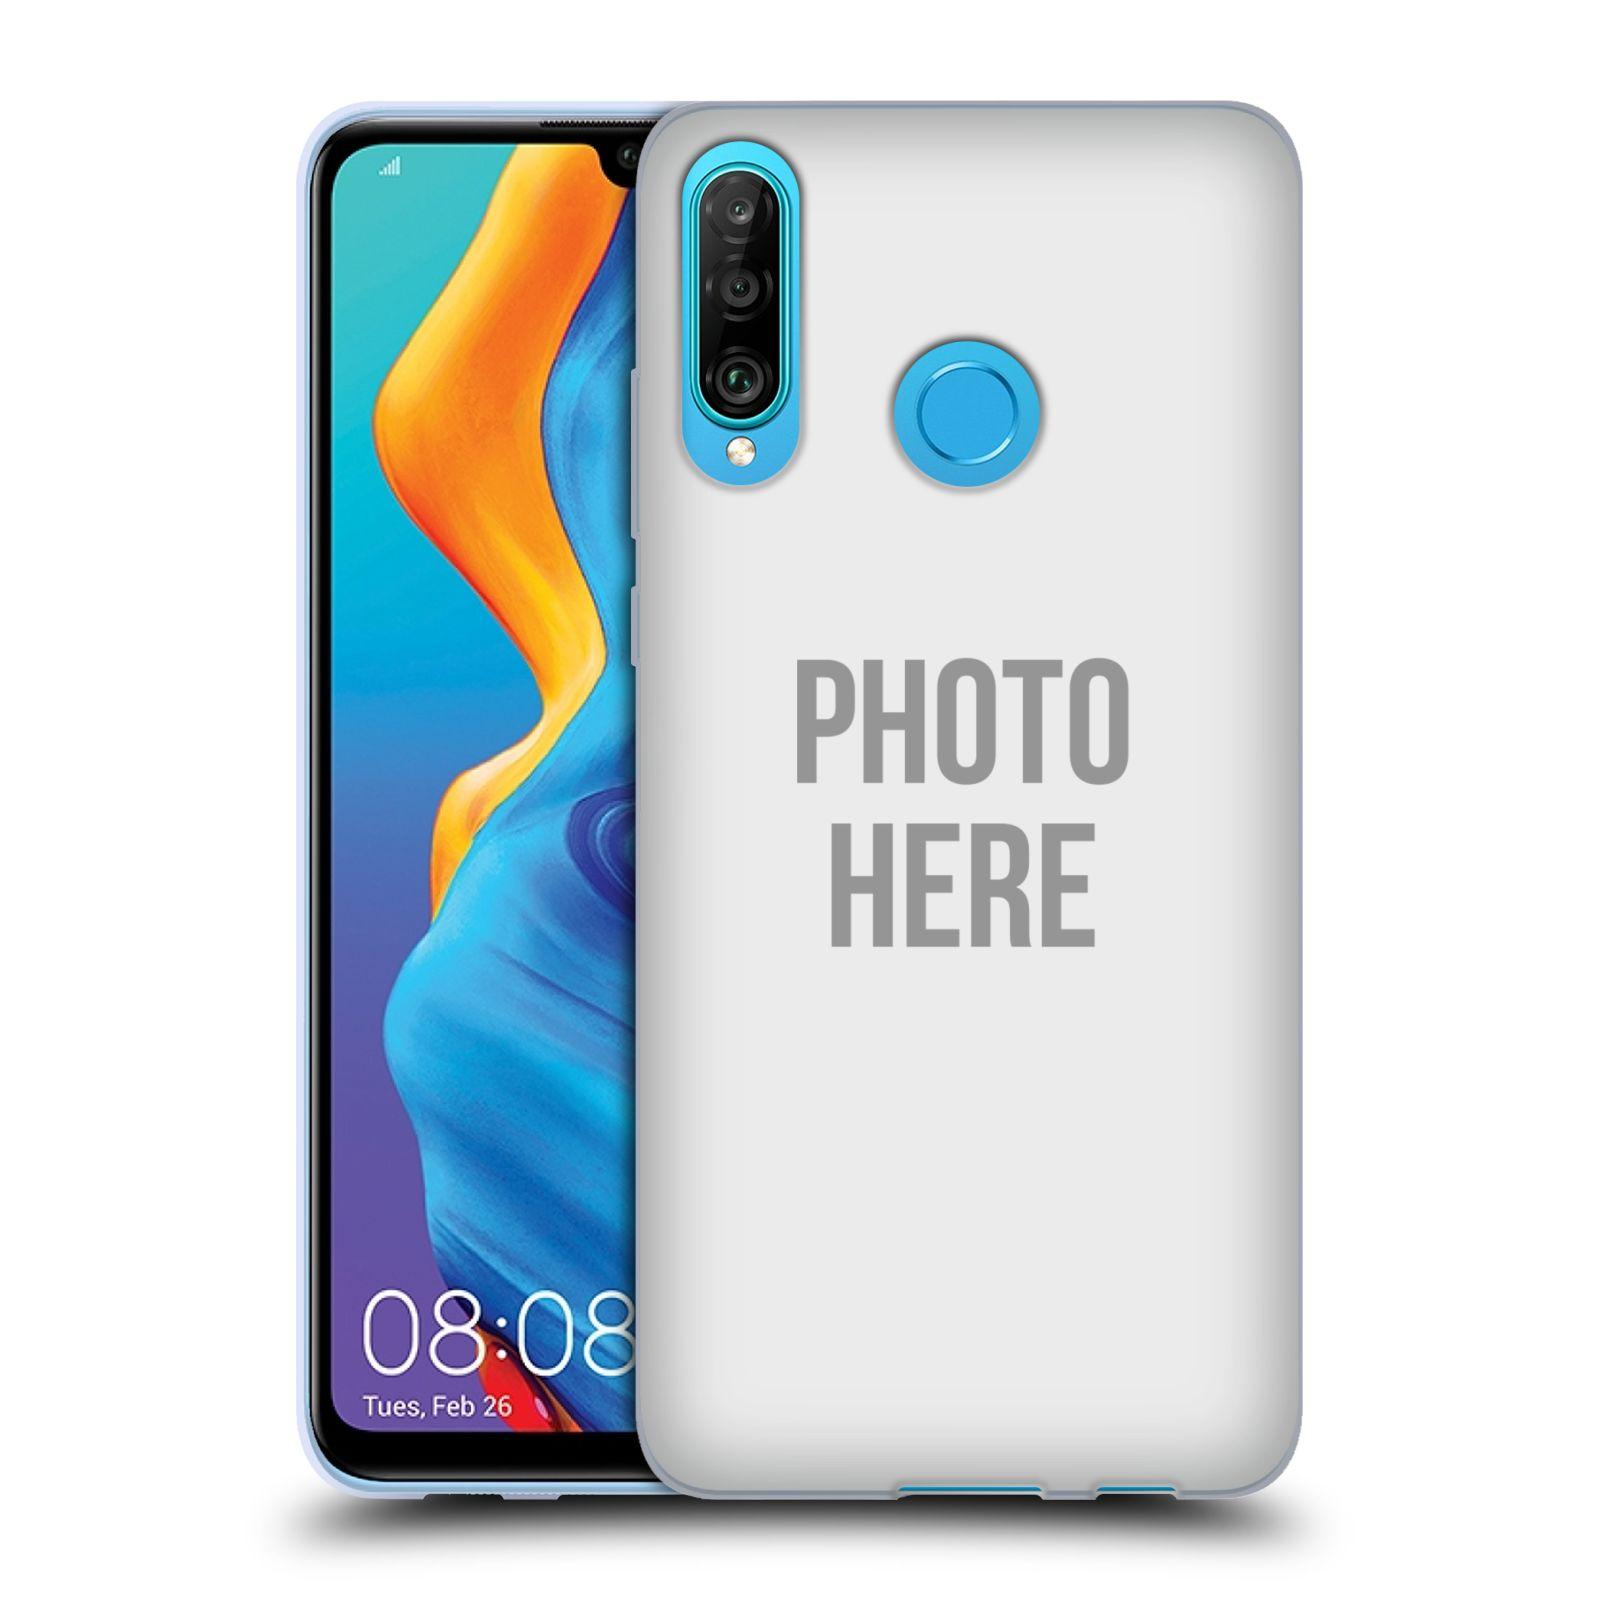 Silikonové pouzdro na mobil Huawei P30 Lite - Head Case - s vlastním motivem